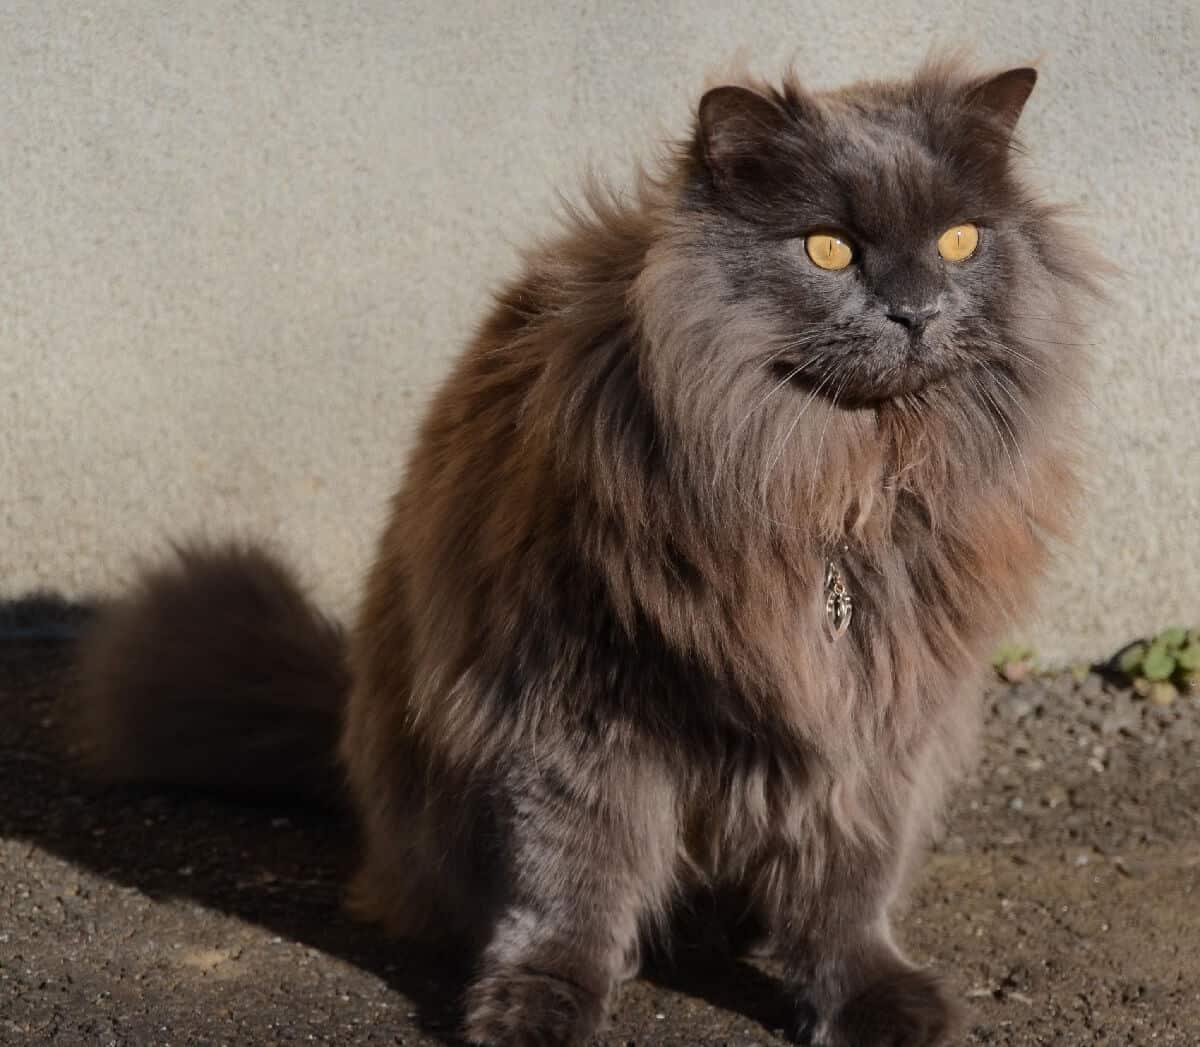 Британец шоколадного окраса: история выведения, стандарты и особенности, фото коричневых британских котов